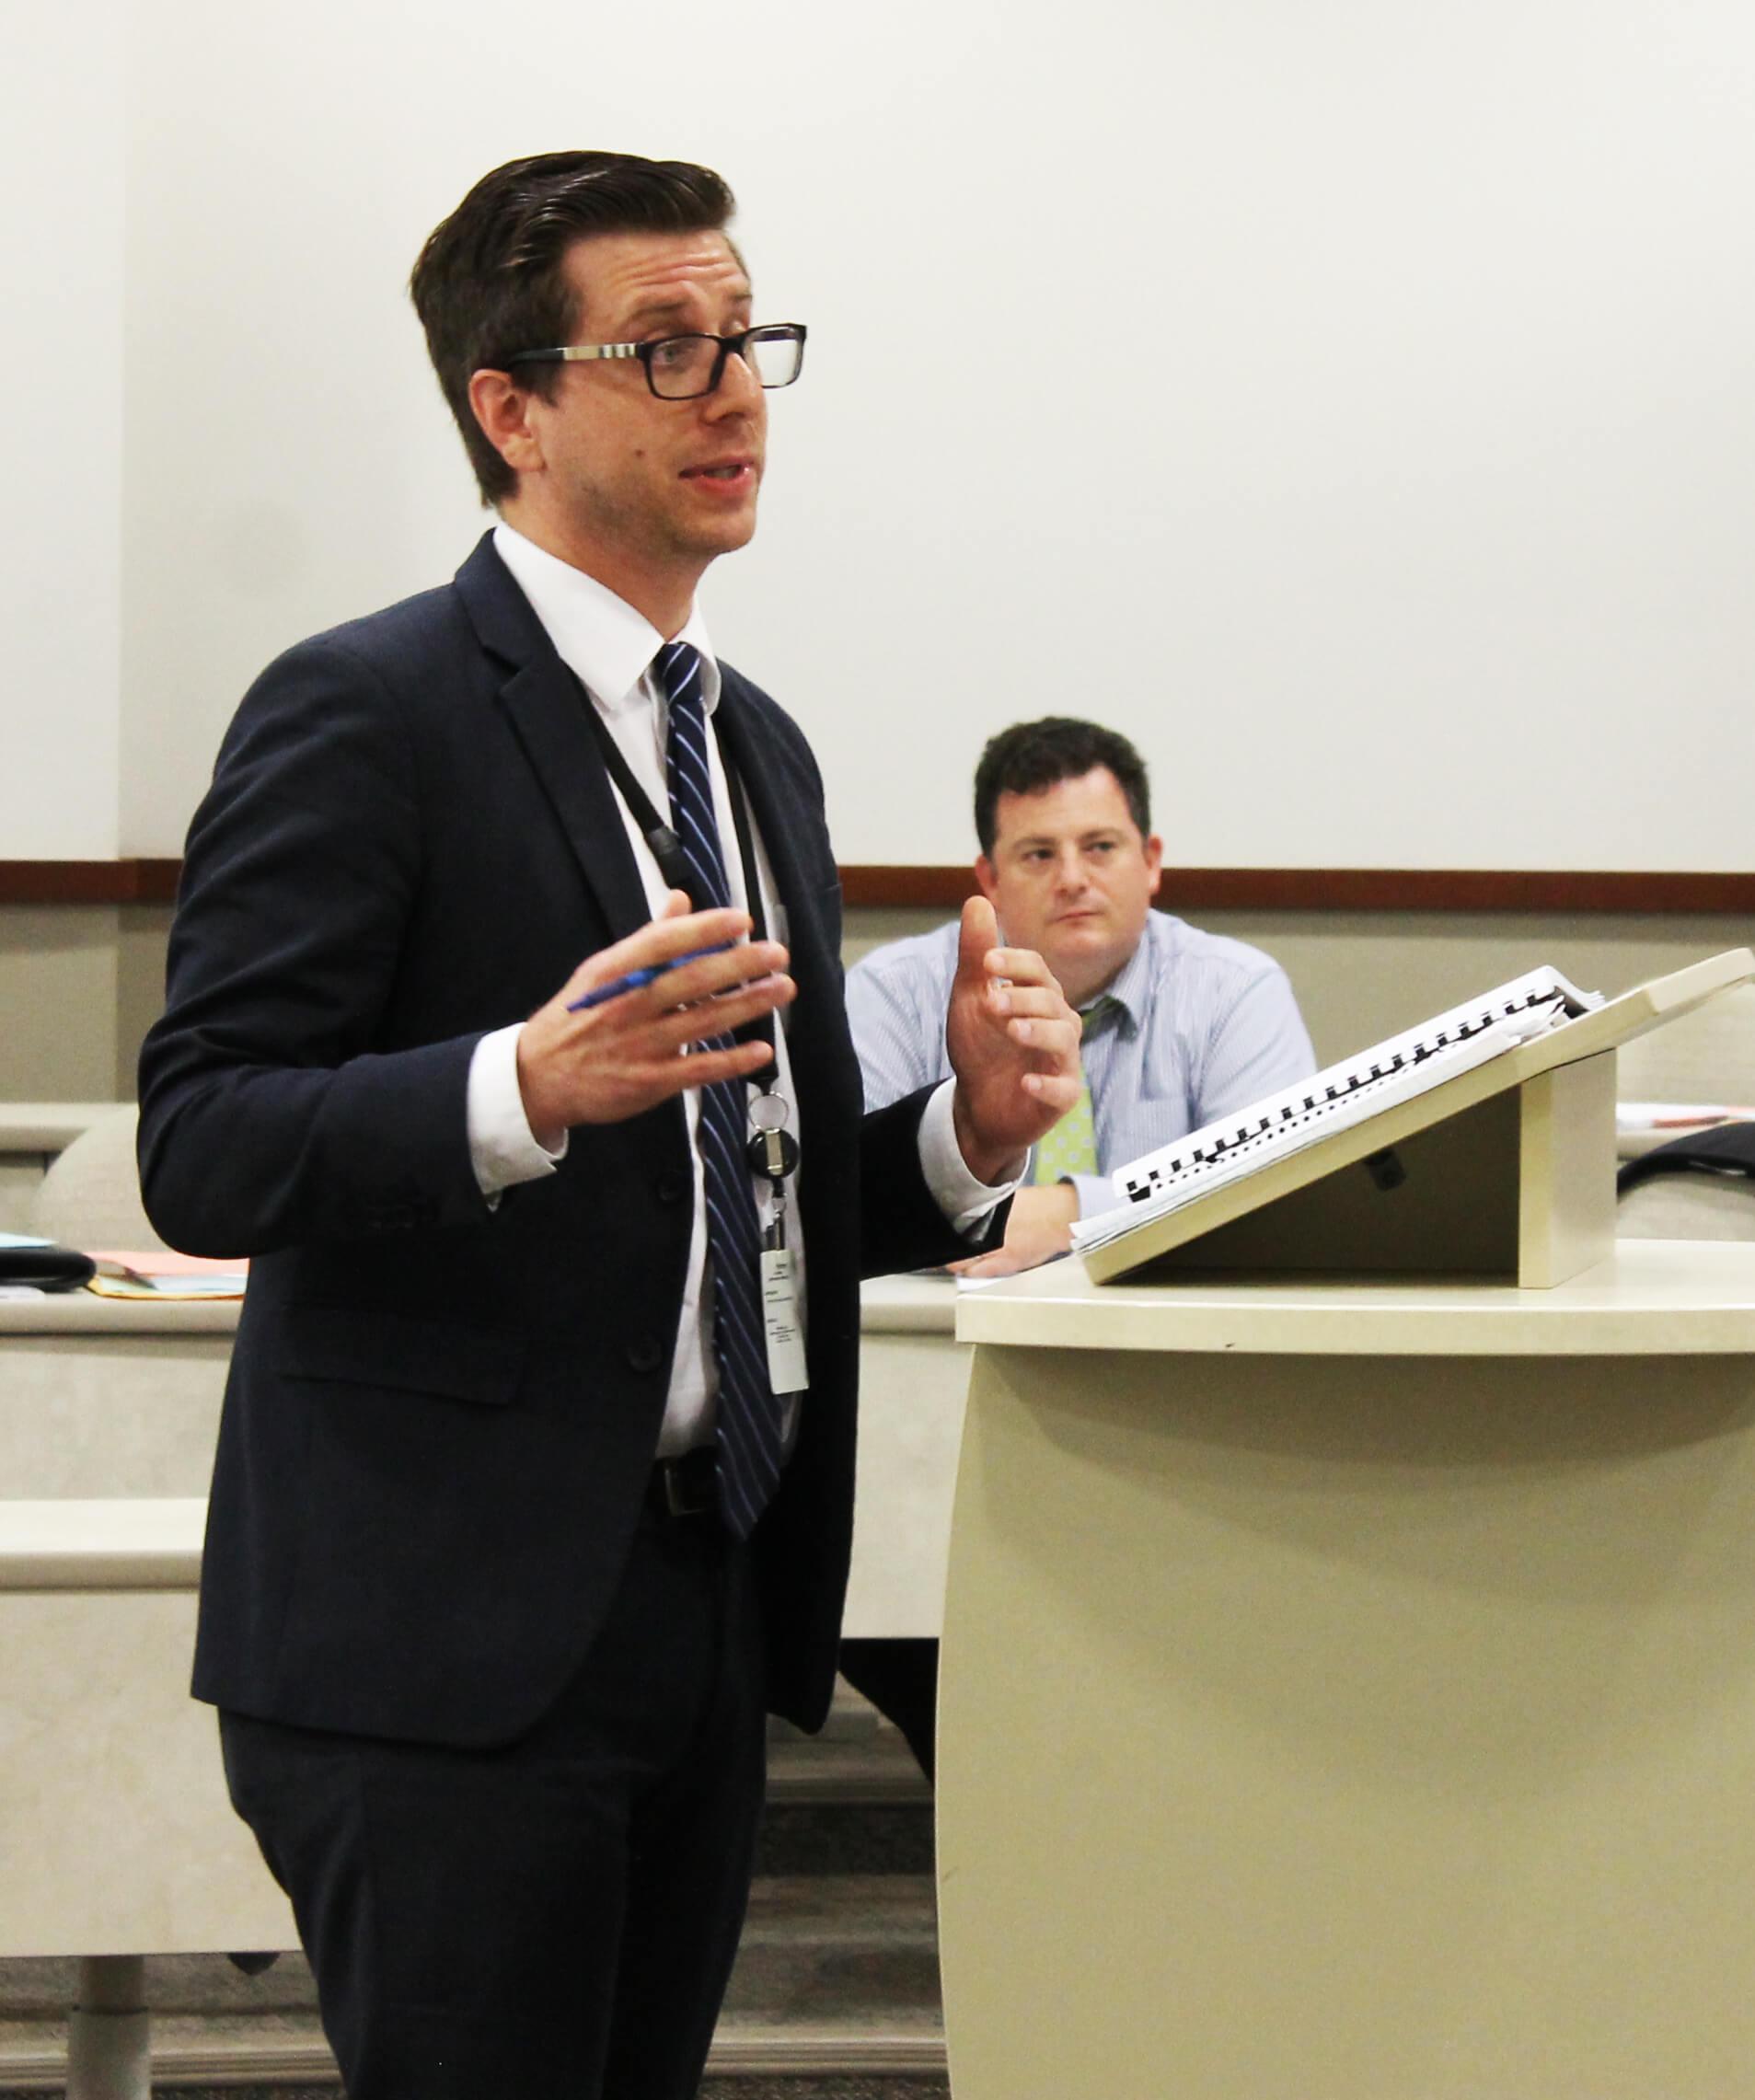 Lawyer teaching a class